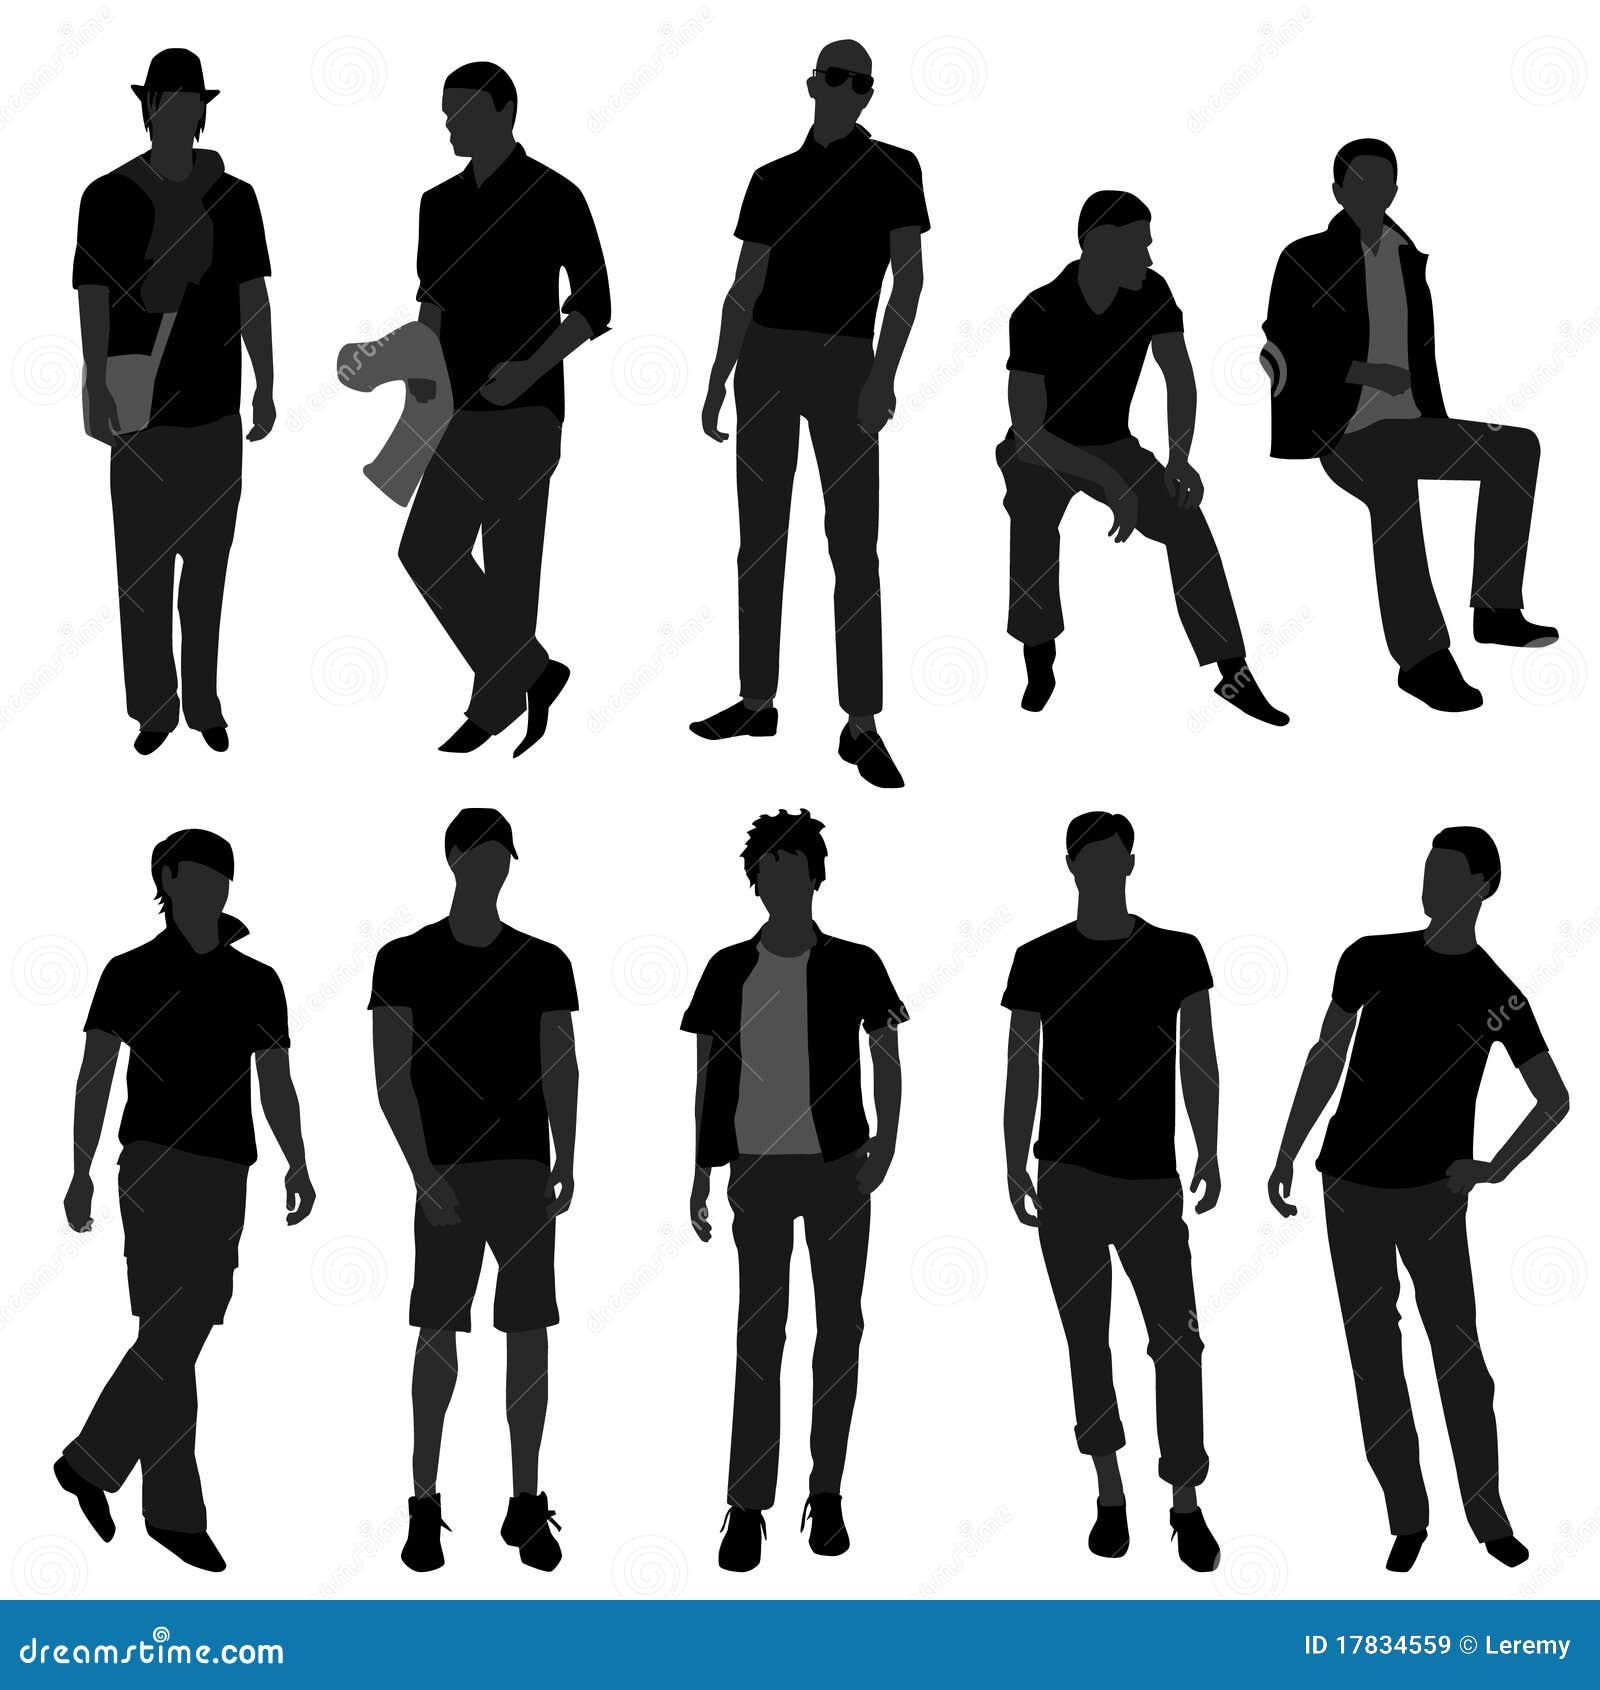 Man Men Male Fashion Shopping Model